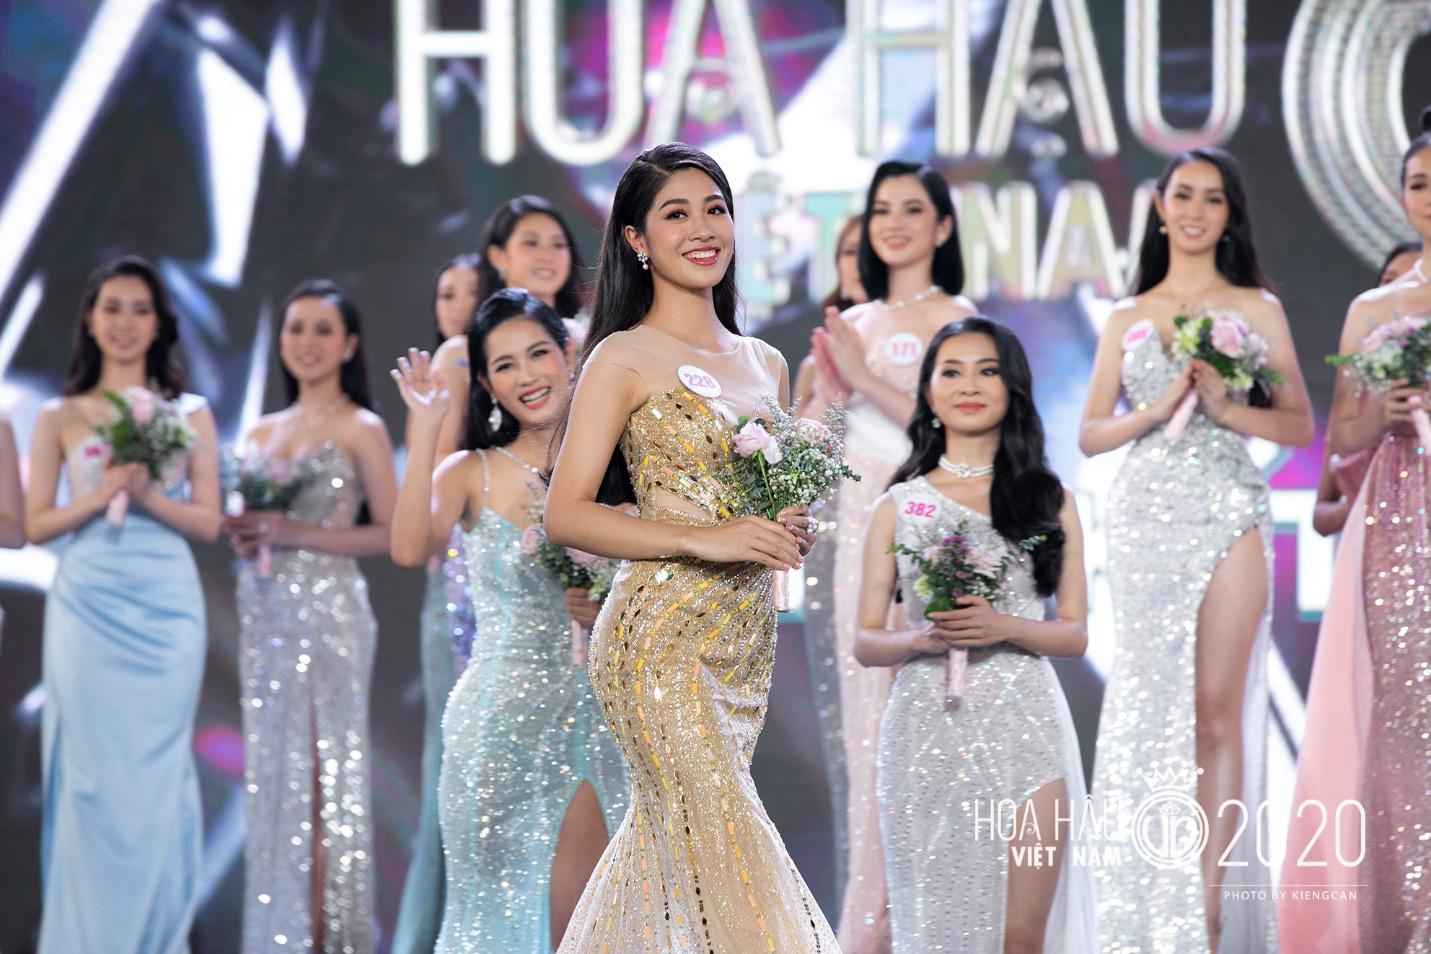 Quyến rũ trong từng đường nét, người đẹp hàng không đi tiếp vào Chung kết Hoa hậu Việt Nam 2020 - Ảnh 7.